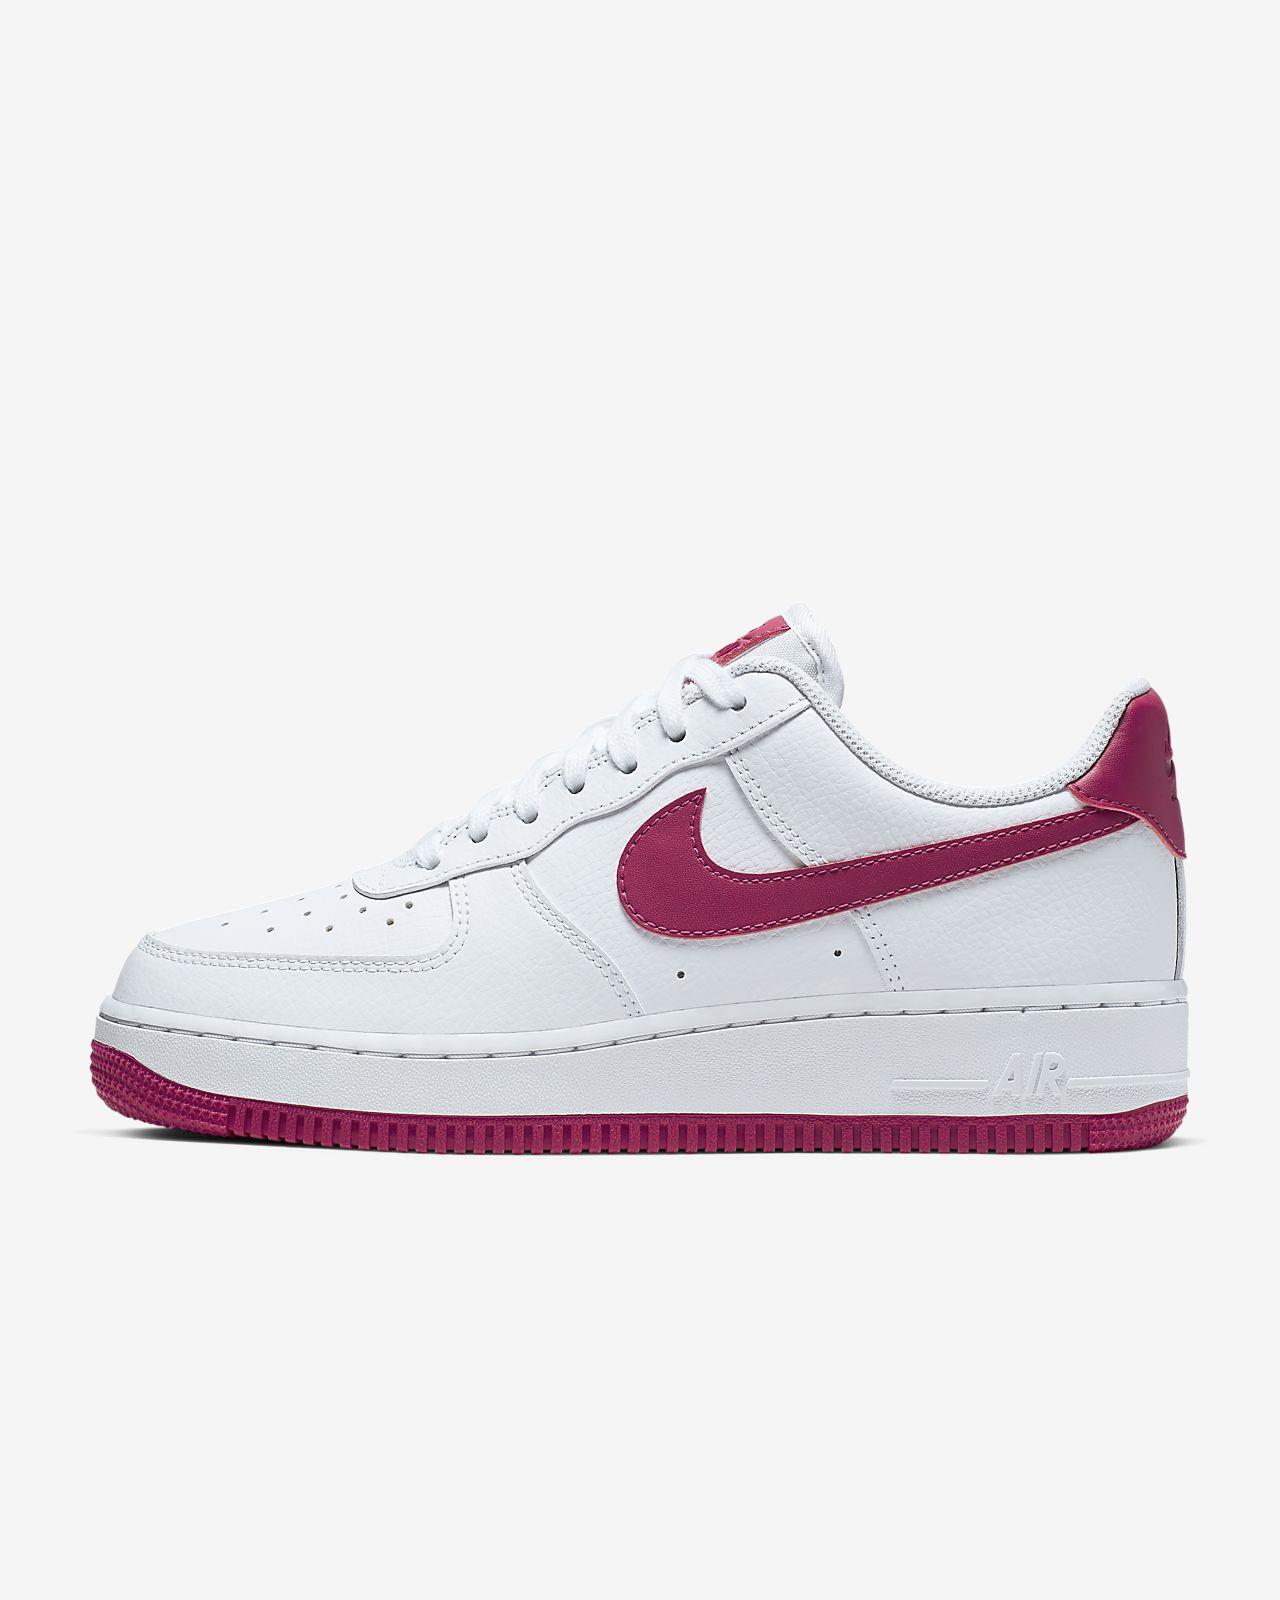 Women's Shoe Nike Air Force 1 '07